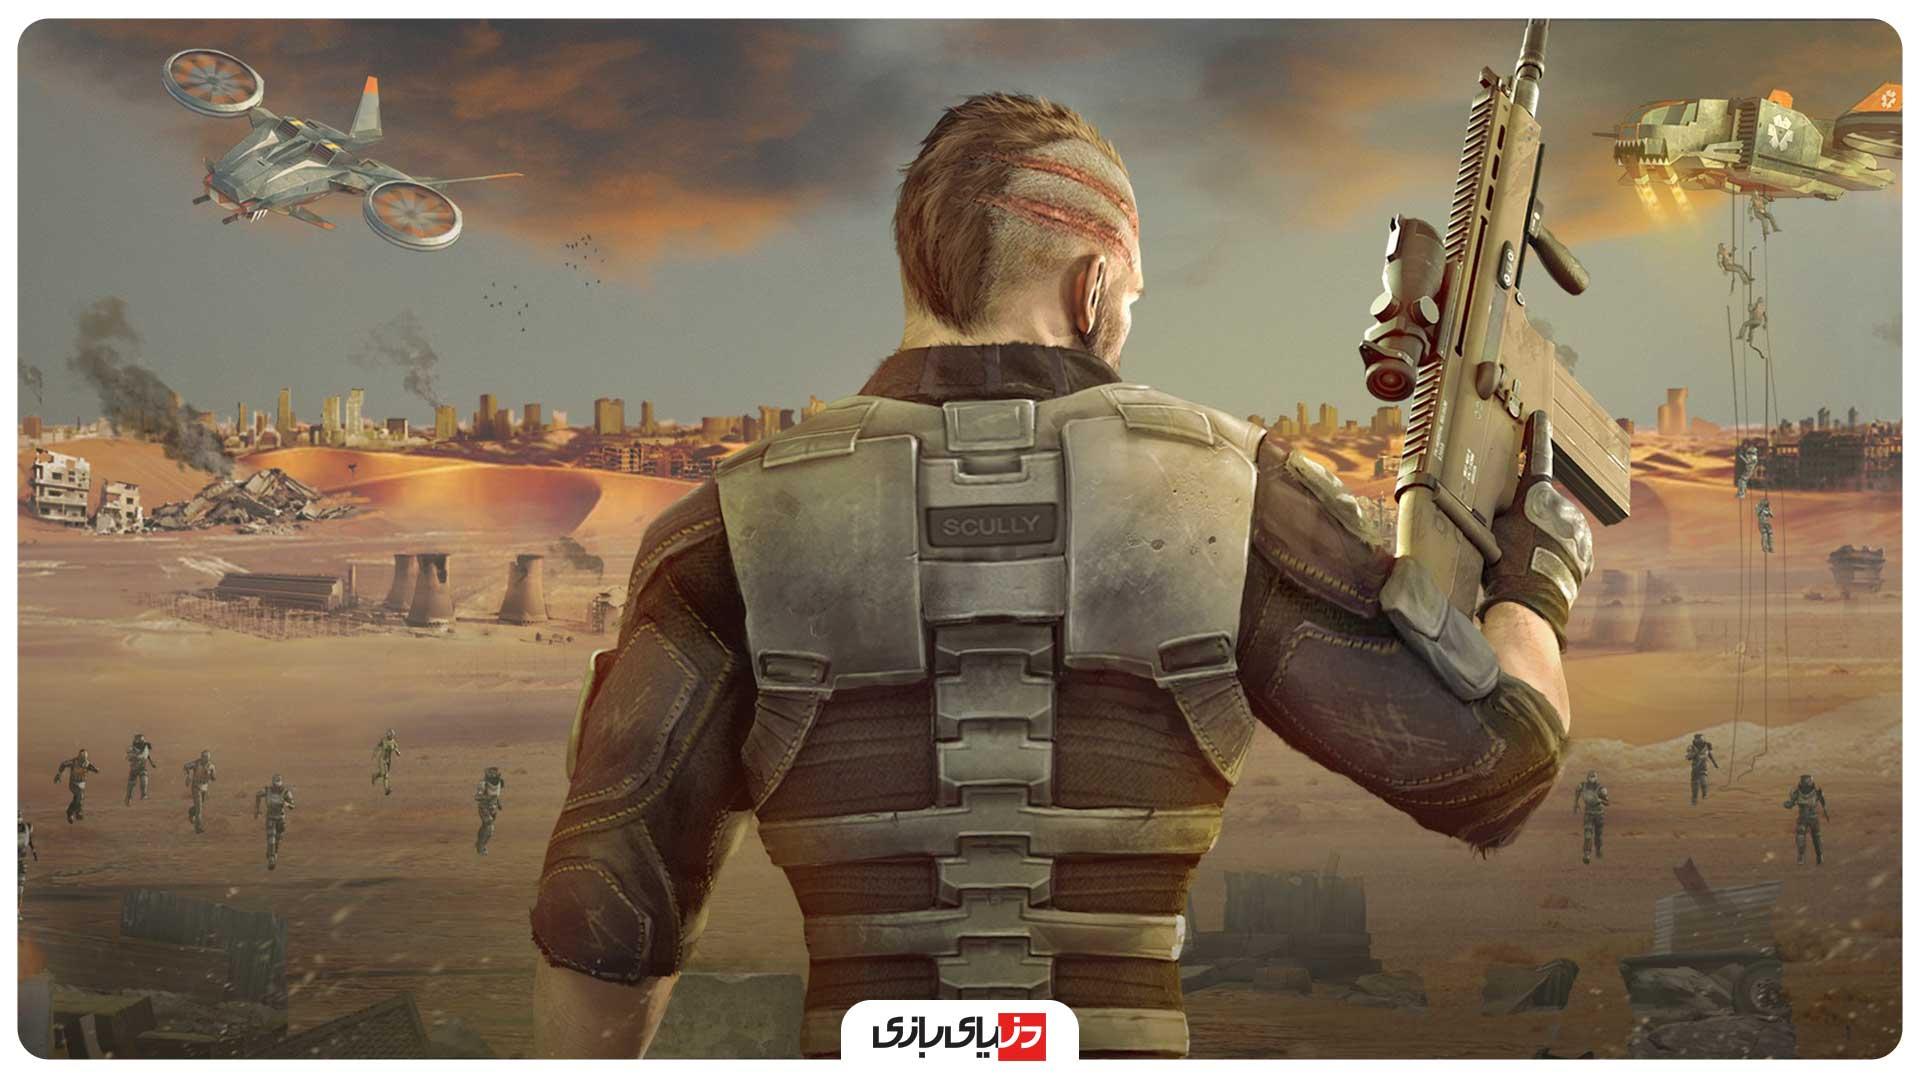 بهترین بازی های جنگی اندروید آفلاین